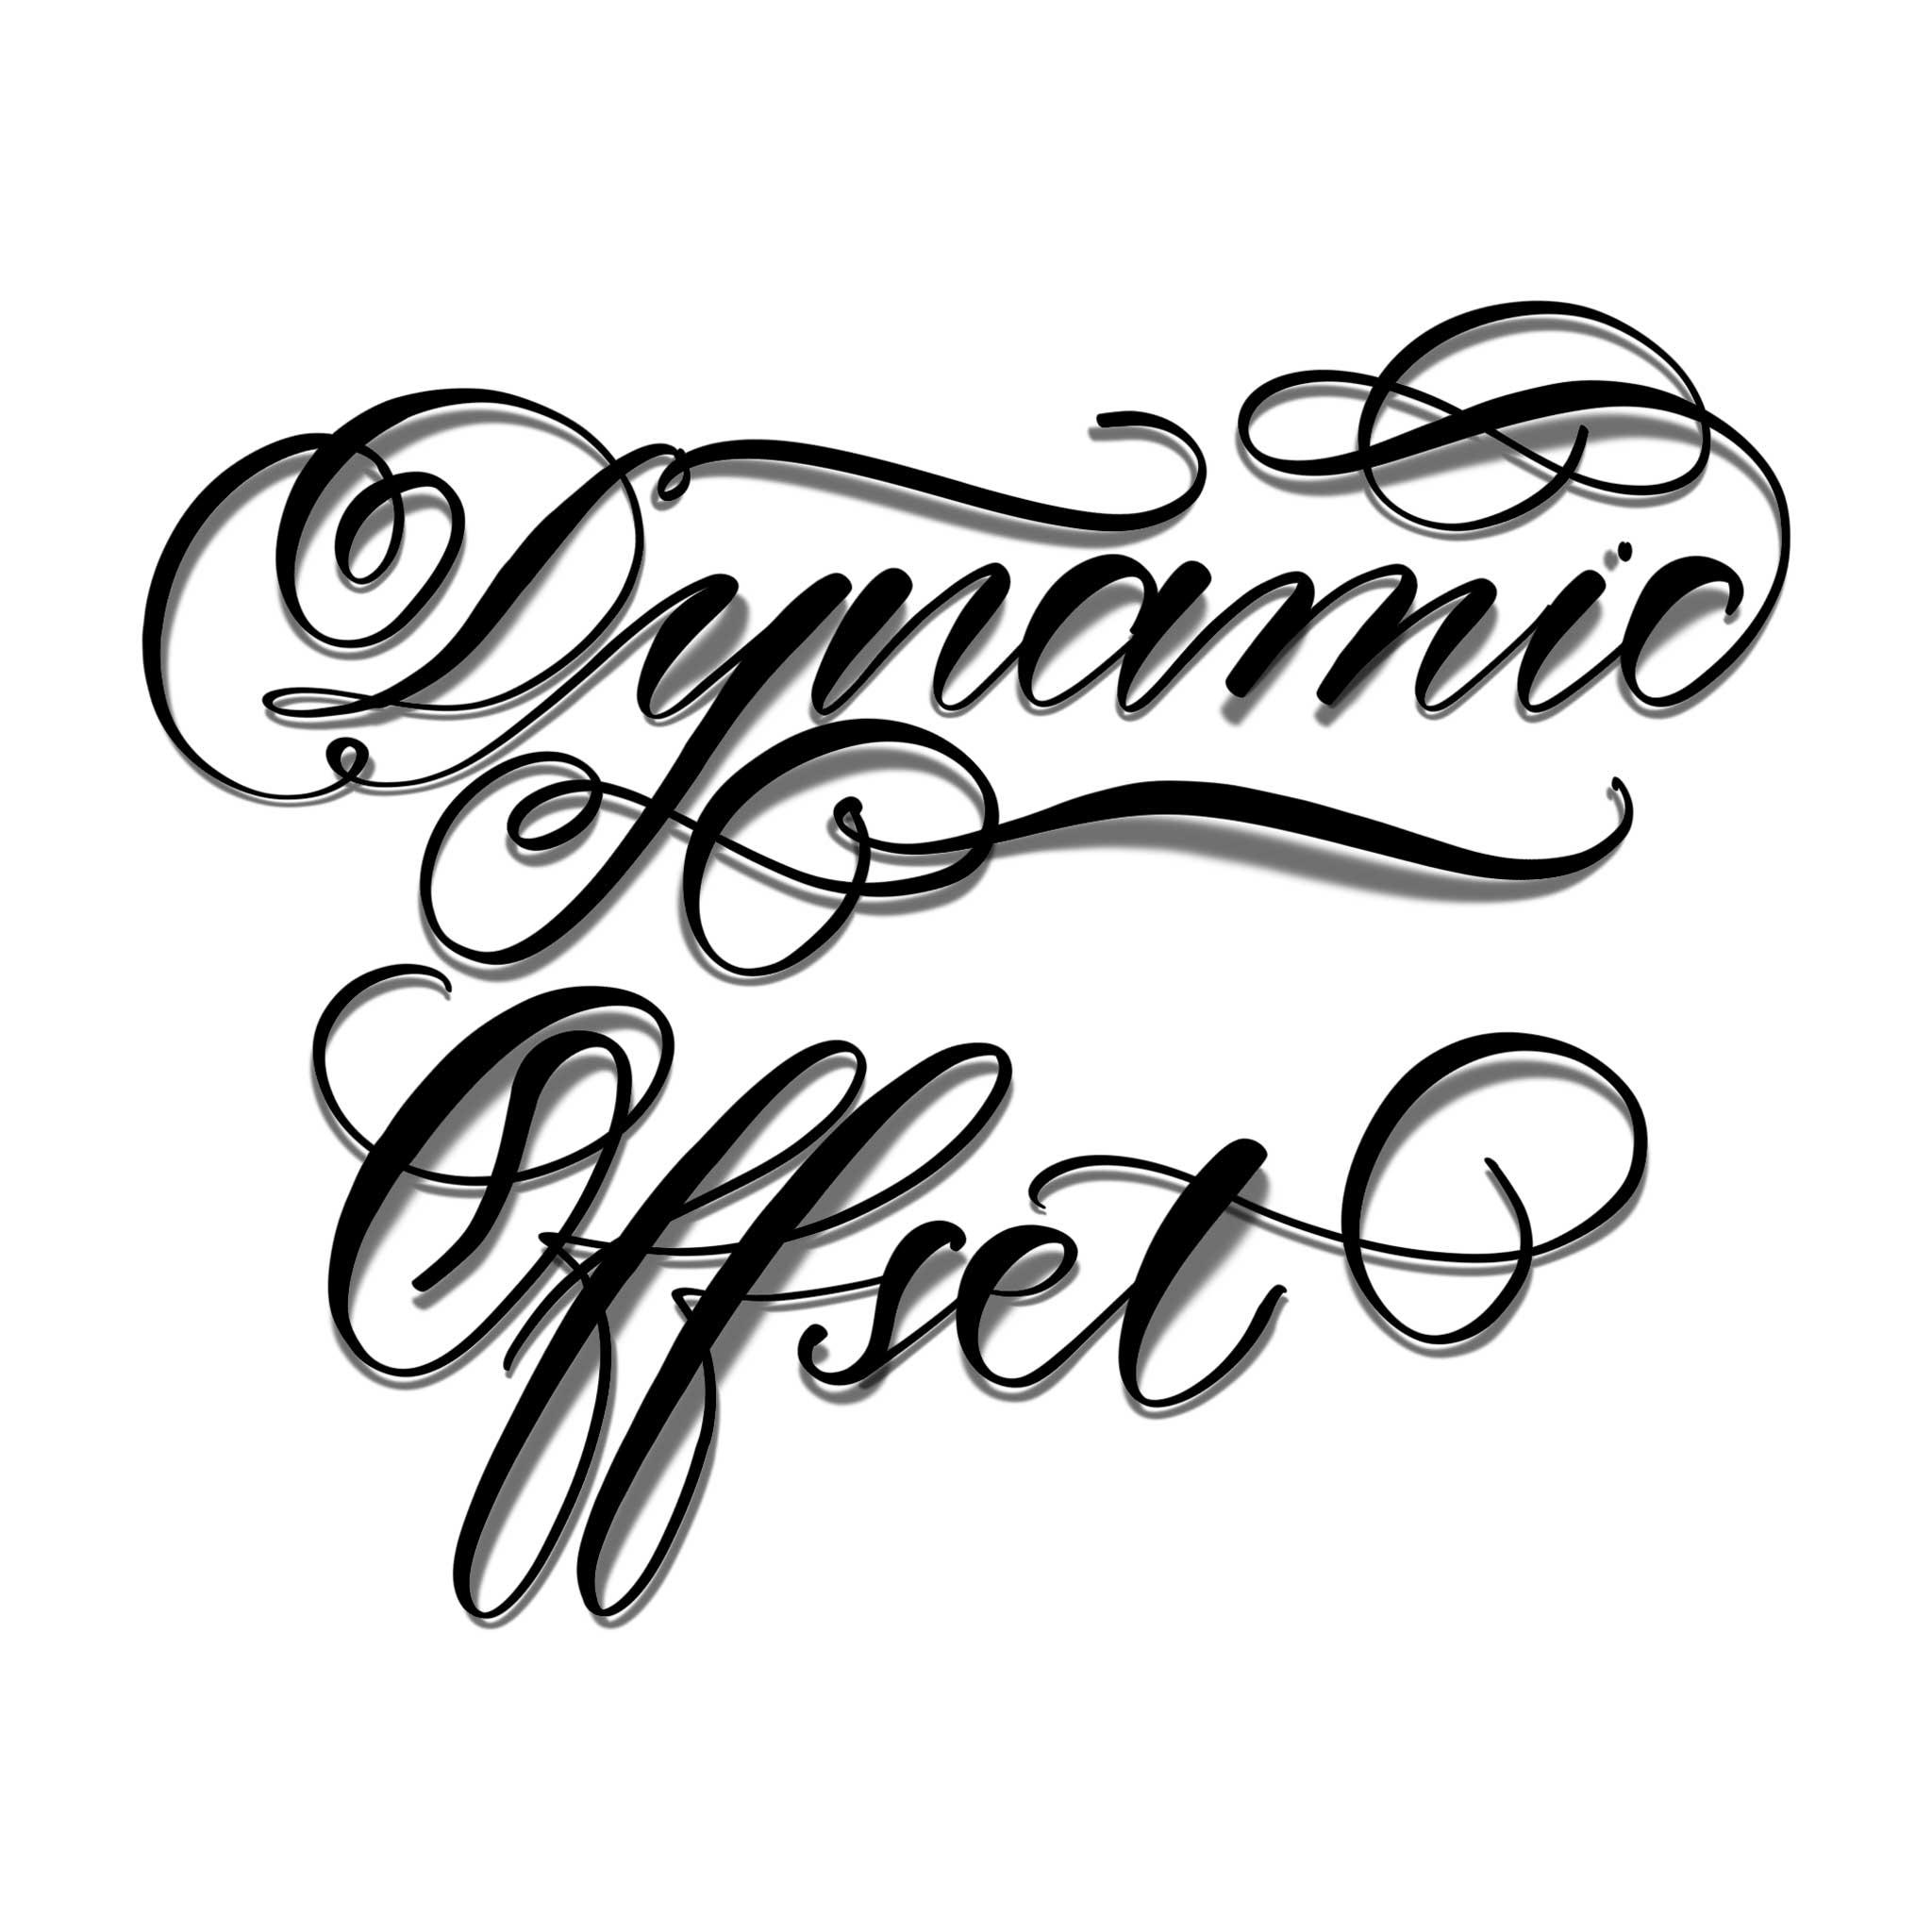 dynamic offset procreate lettering brush